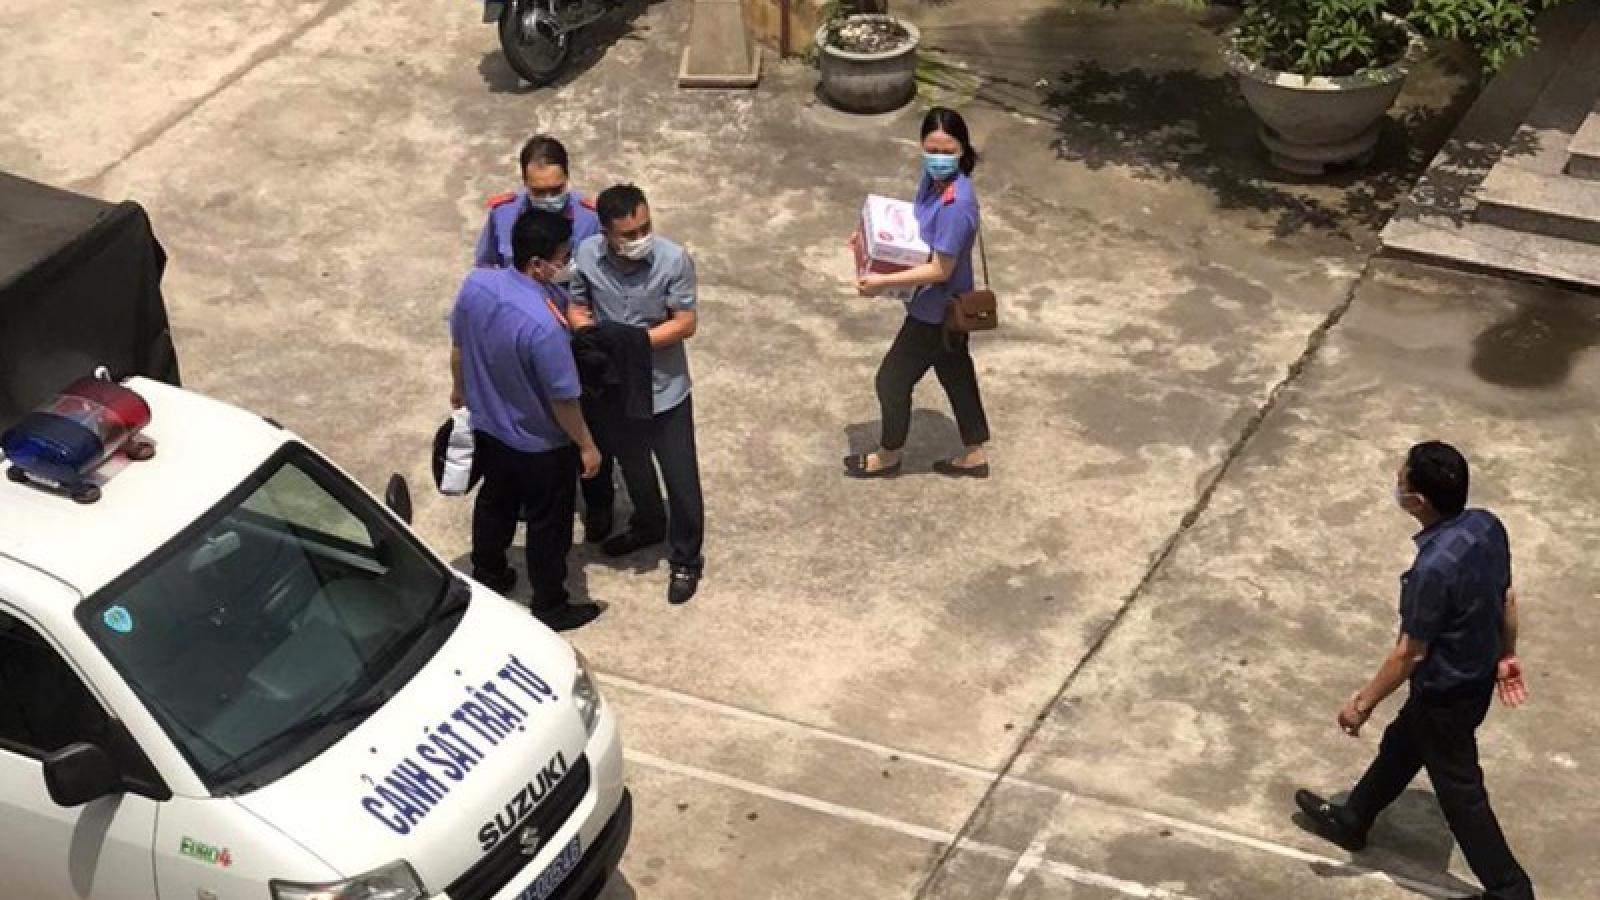 Sau khi 4 thuộc cấp bị bắt, Trưởng CA quận Đồ Sơnxin nghỉ việc... đi chữa bệnh